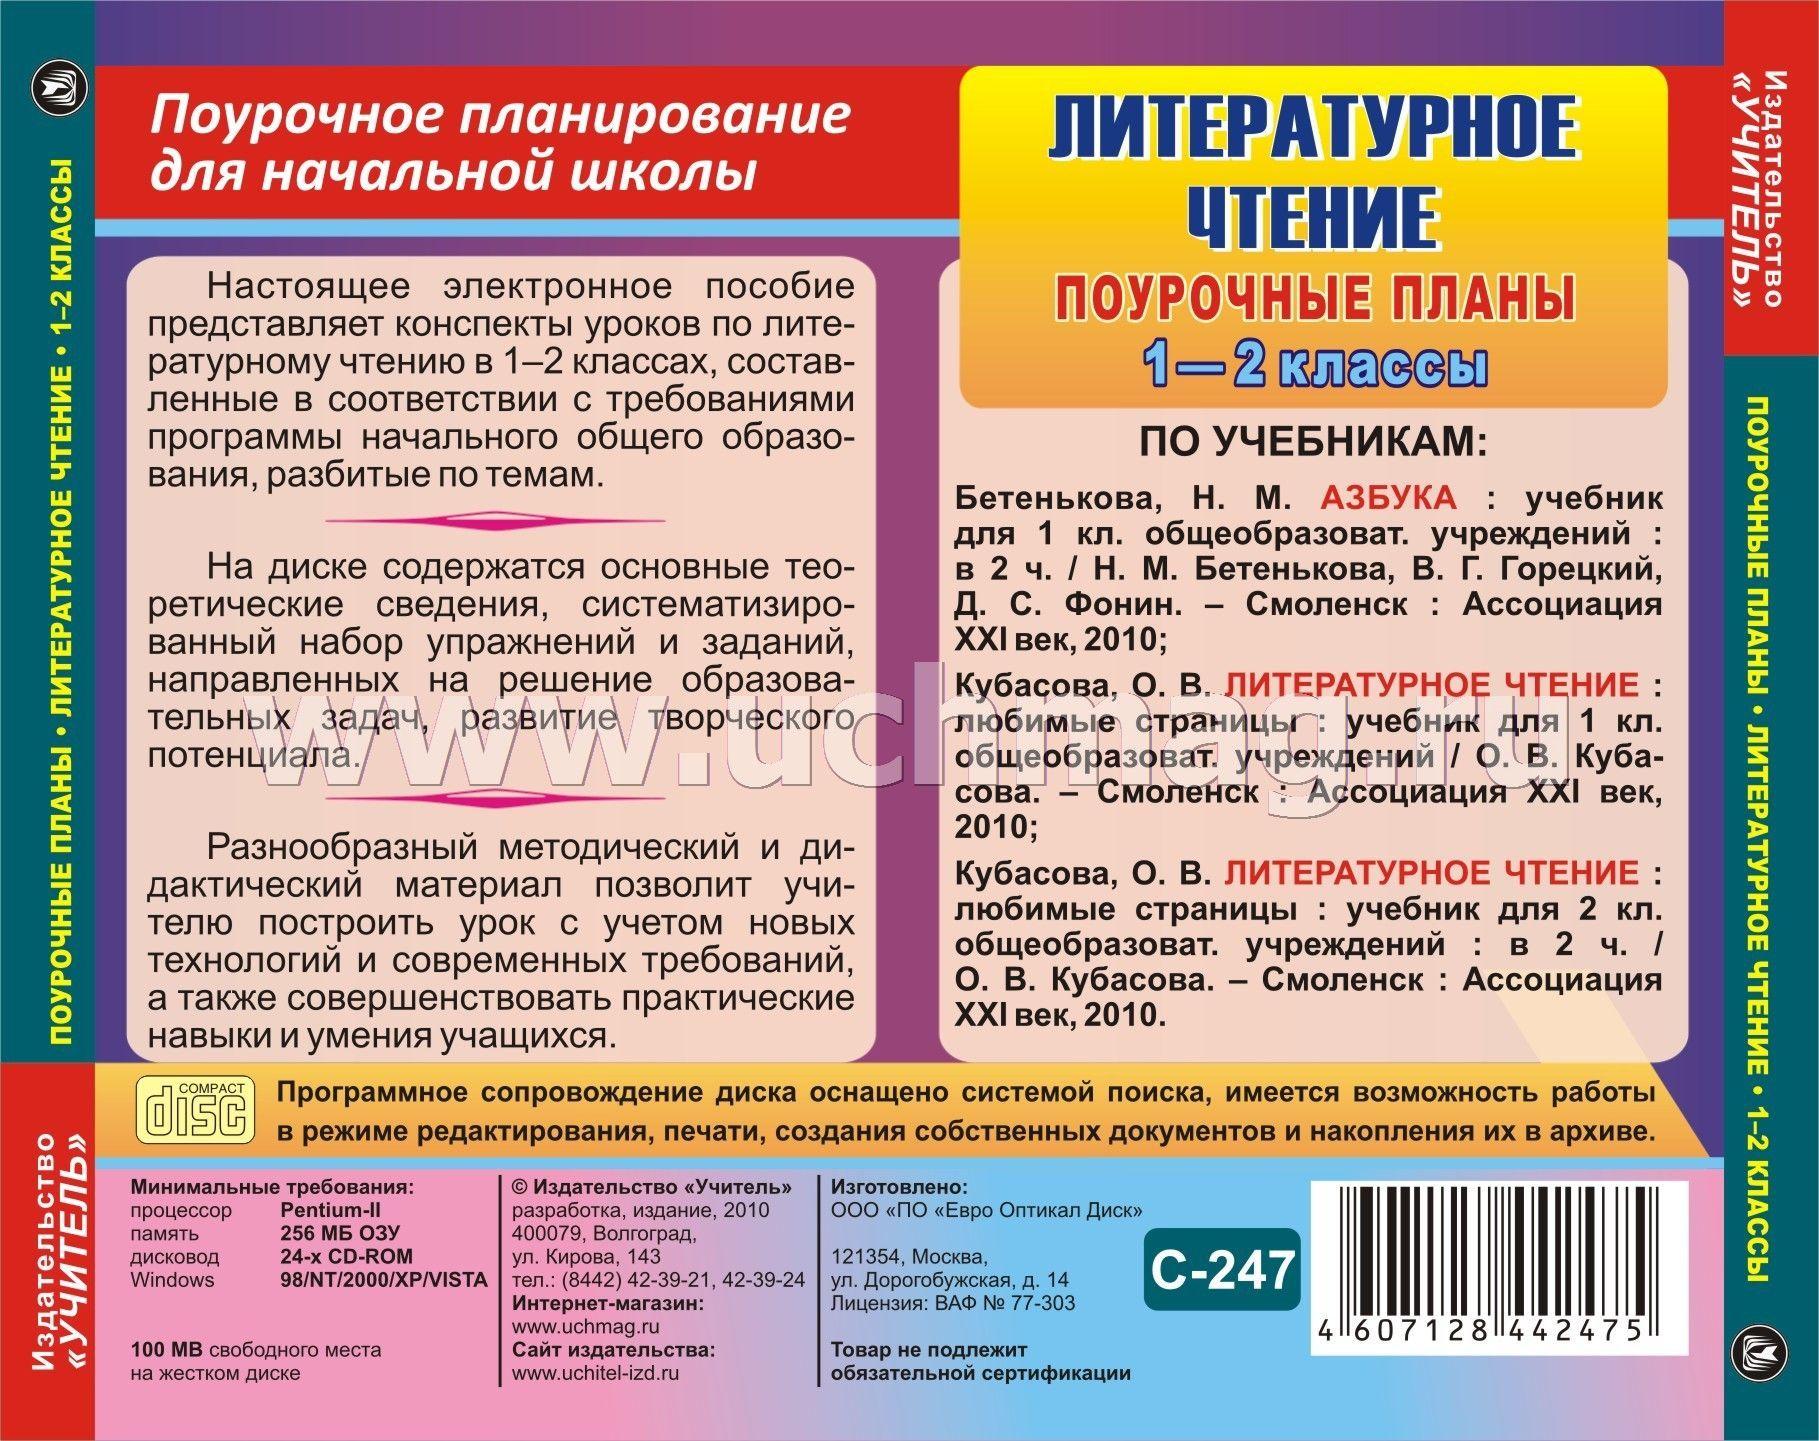 Поурочные планы по русскому языку в 4 классе по программе гармония